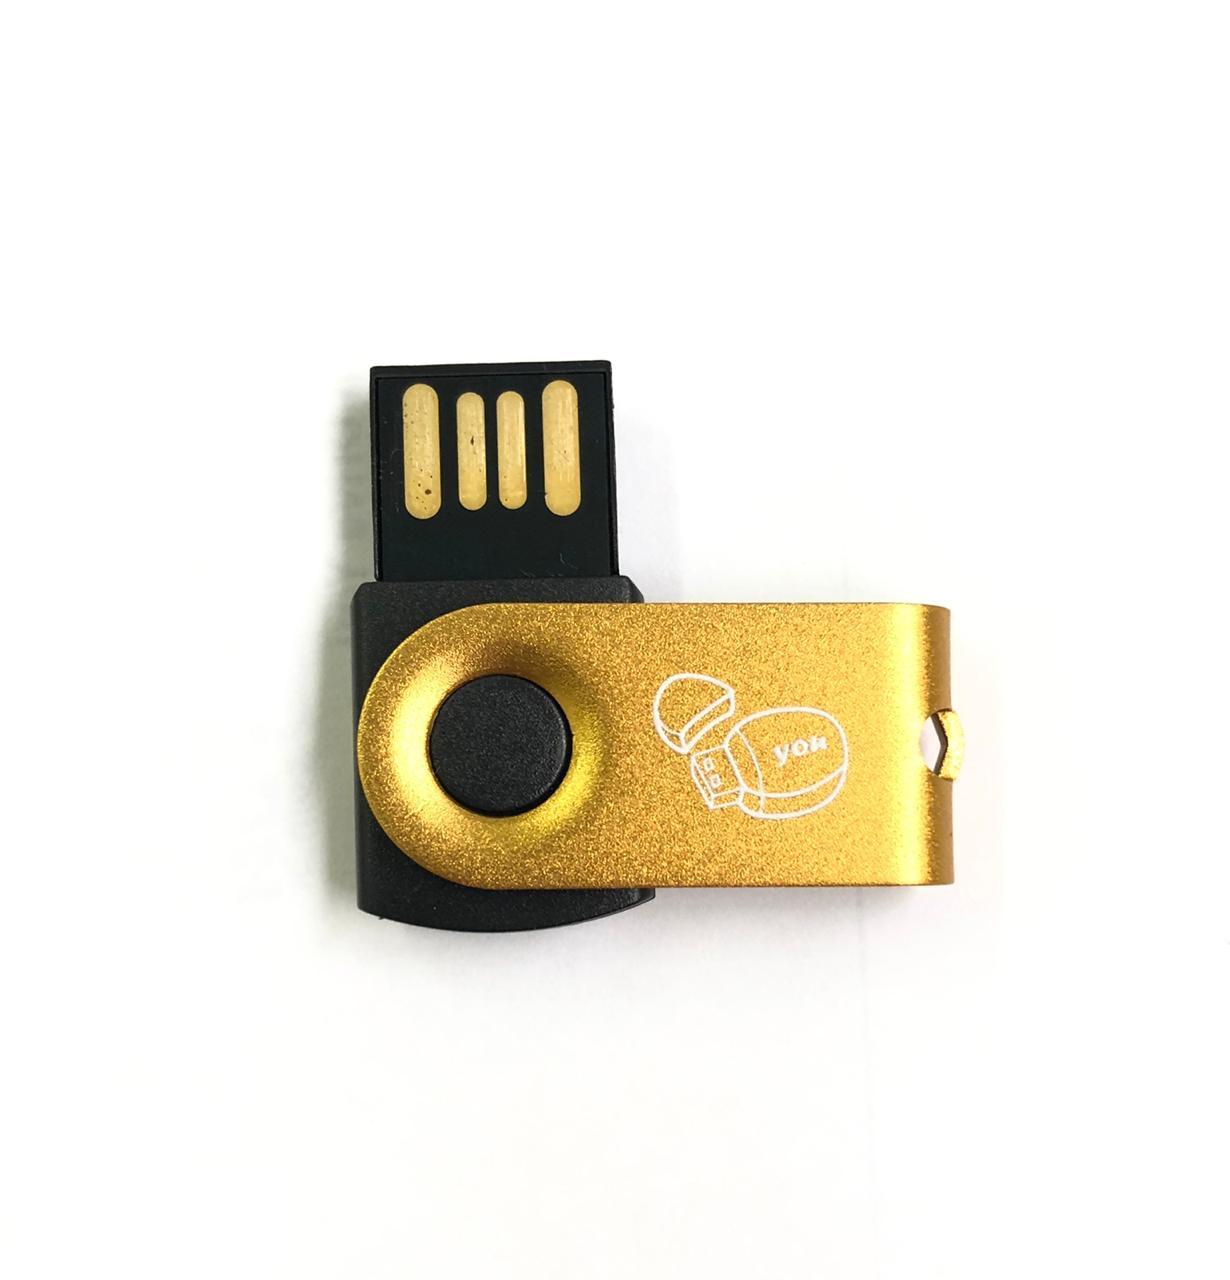 Mini Pen Drive 4G Giratório Full Color - Dourado Personalizado  - Pen Drive You